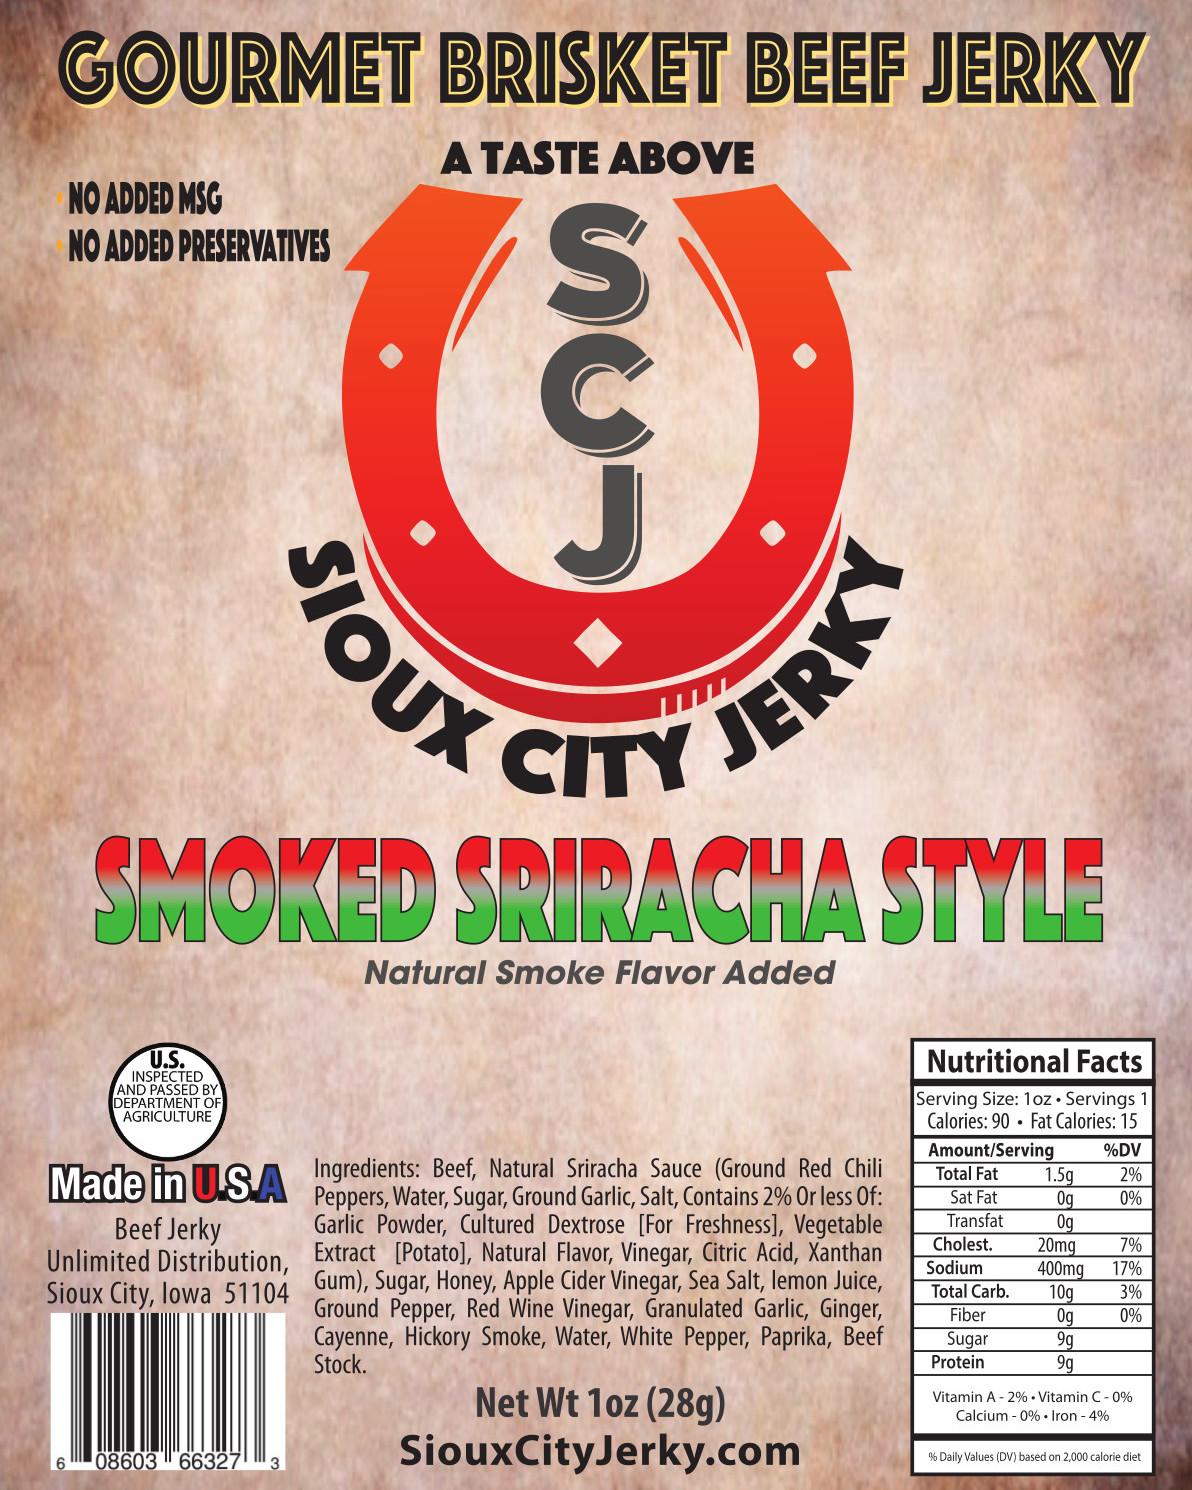 Smoked Sriracha Beef Jerky